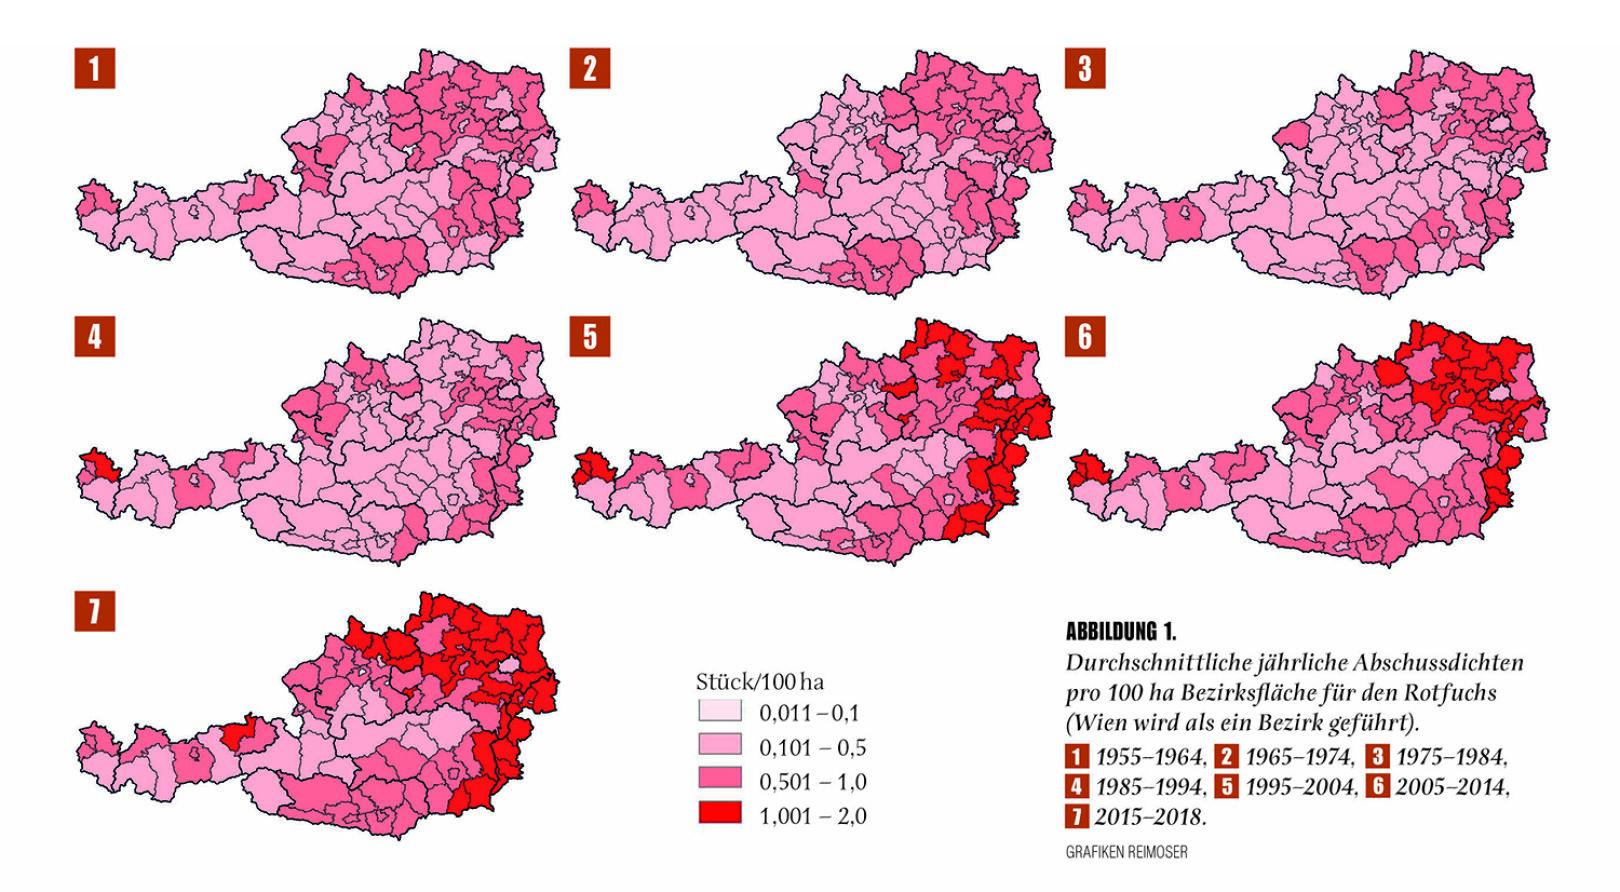 Abbildung 1 - Durchschnittliche jährliche Abschussdichten pro 100 ha Bezirksfläche für den Rotfuchs (Wien wird als ein Bezirk geführt). - © Grafik Reimoser